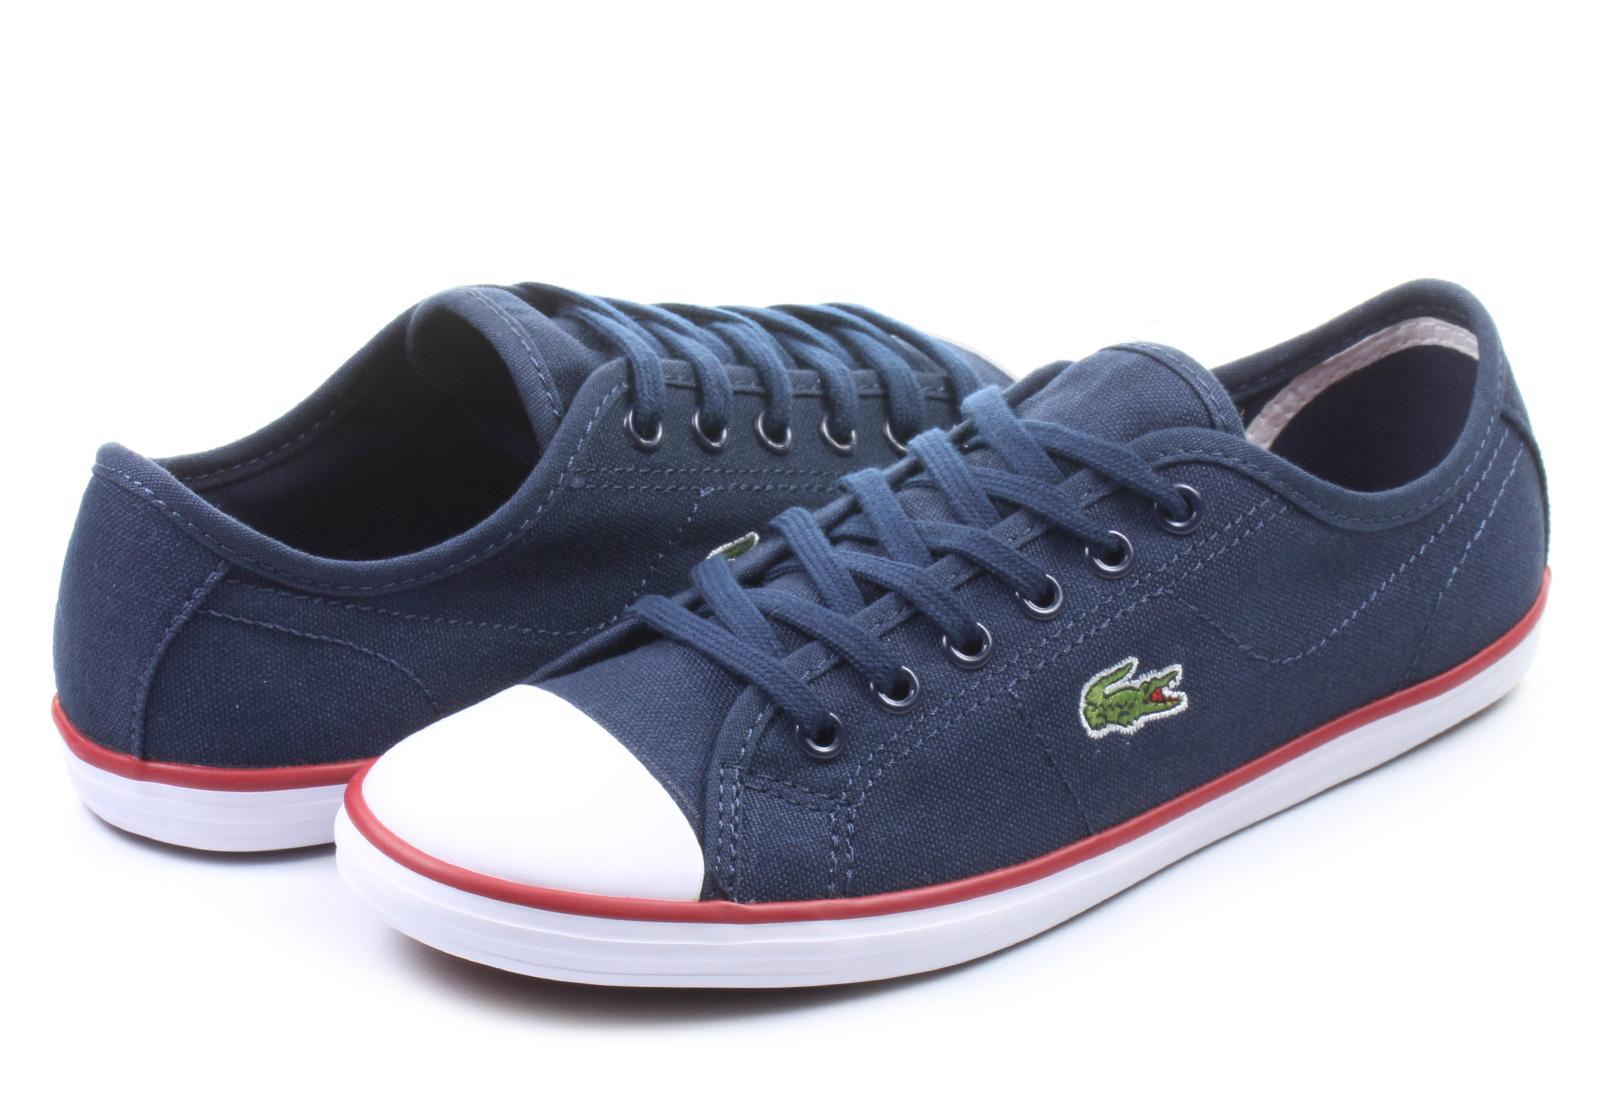 db67ad81f8 Lacoste Tenisky Ziane Sneaker Canvas